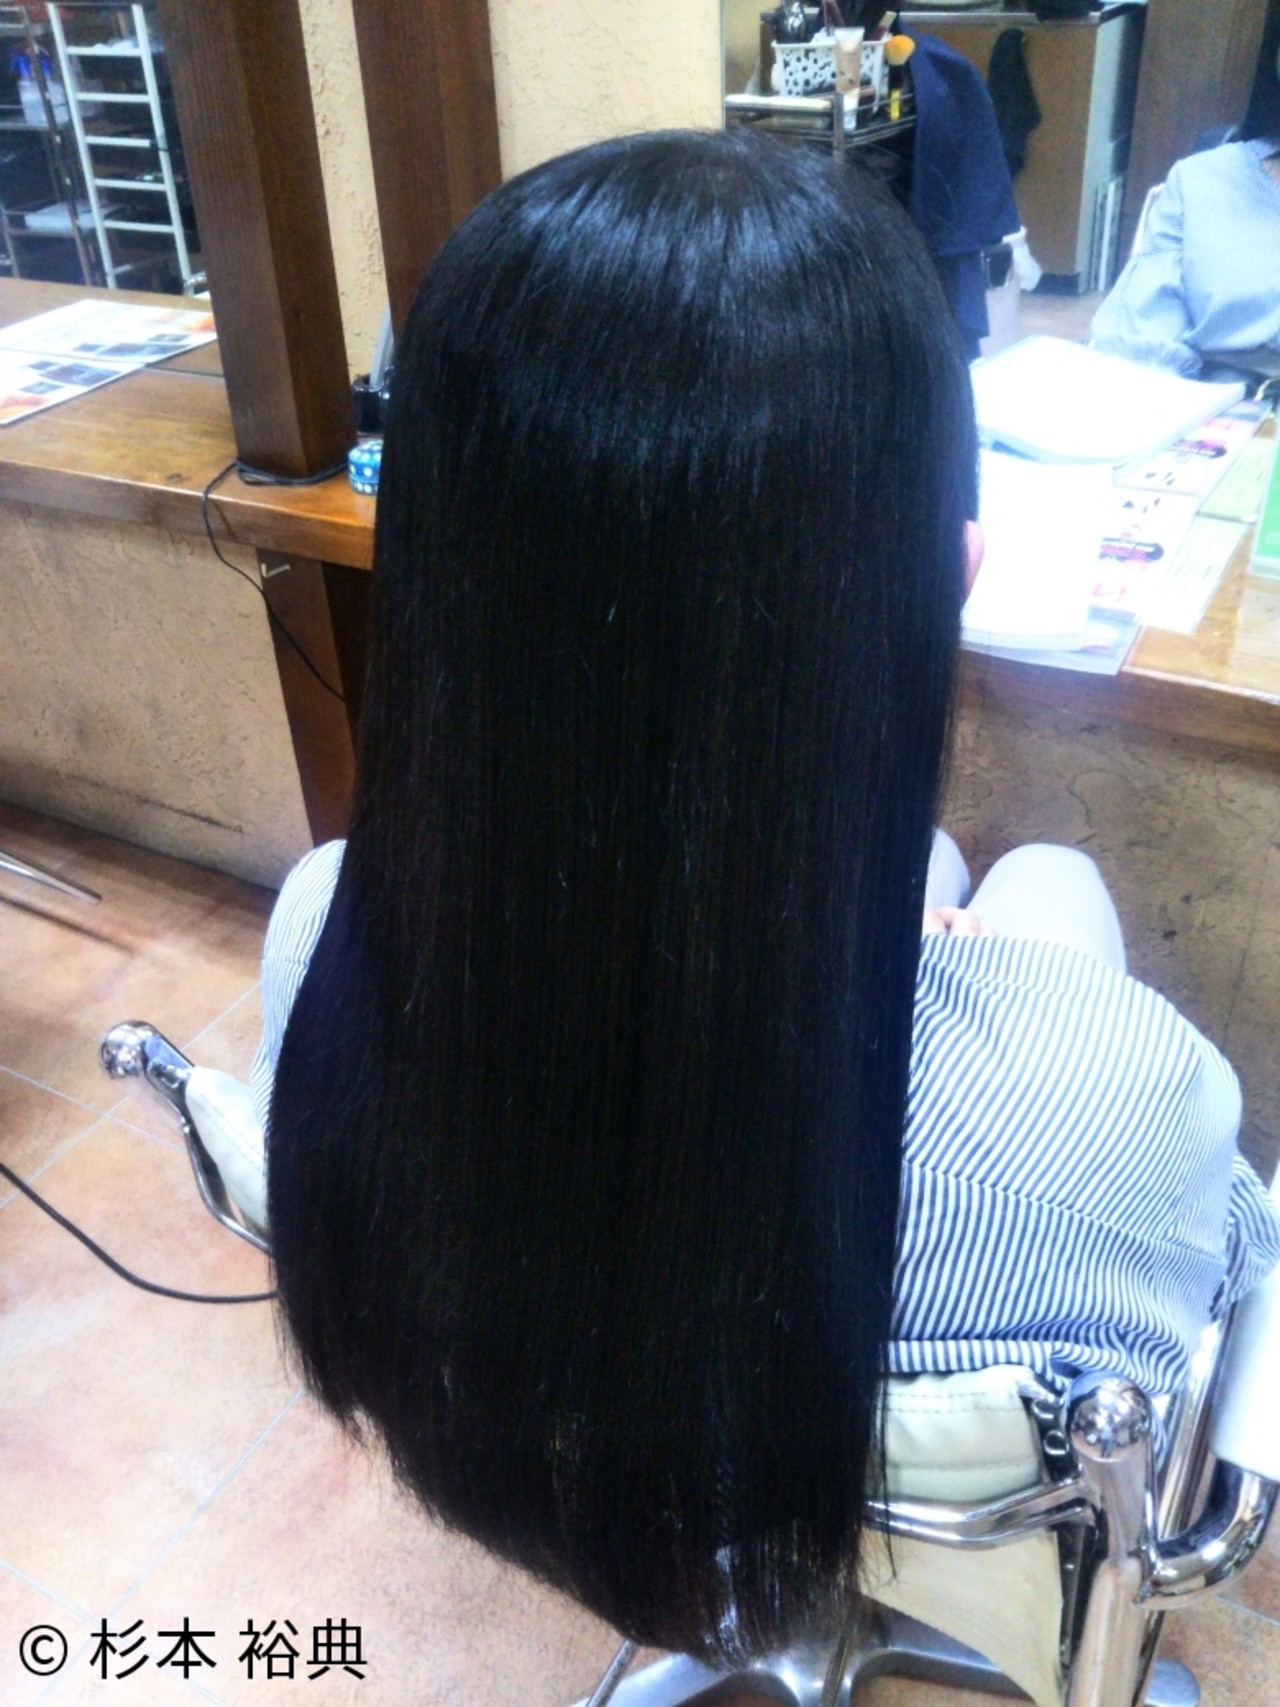 黒髪だからこそ出せるツヤ感で魅力的な女性に!2